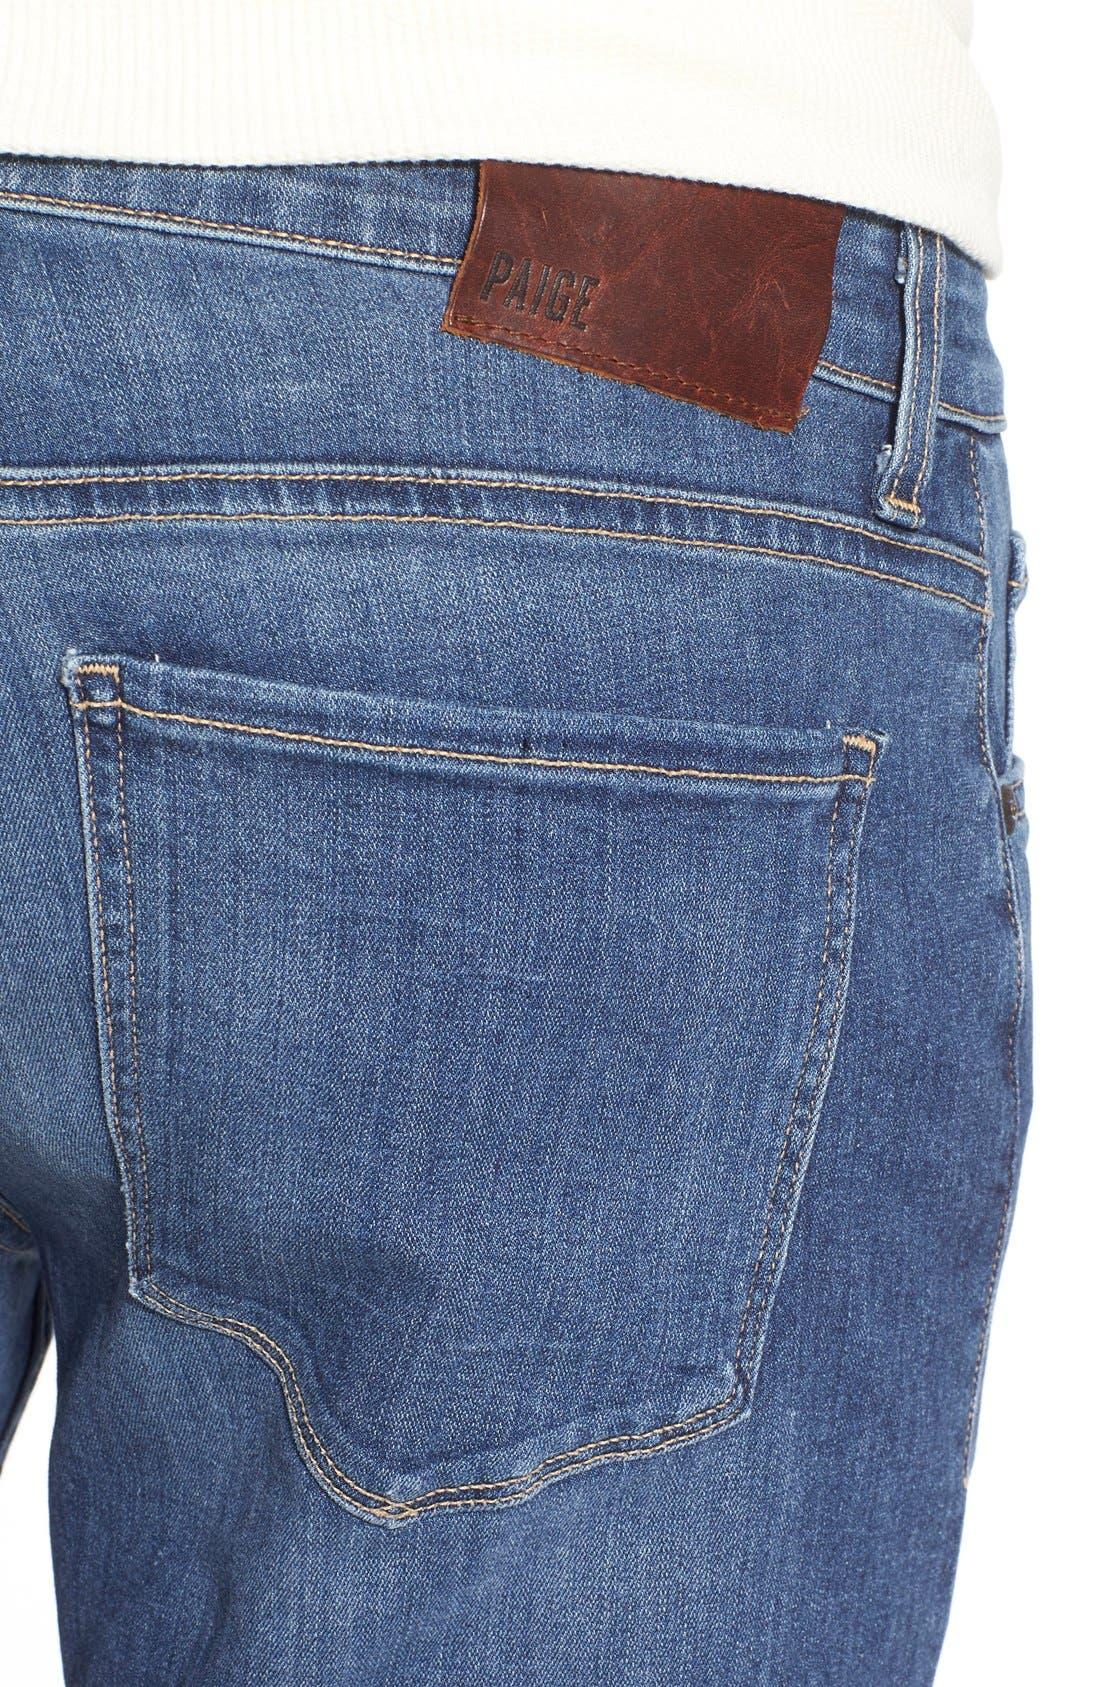 PAIGE,                             Transcend - Normandie Straight Leg Jeans,                             Alternate thumbnail 4, color,                             BIRCH